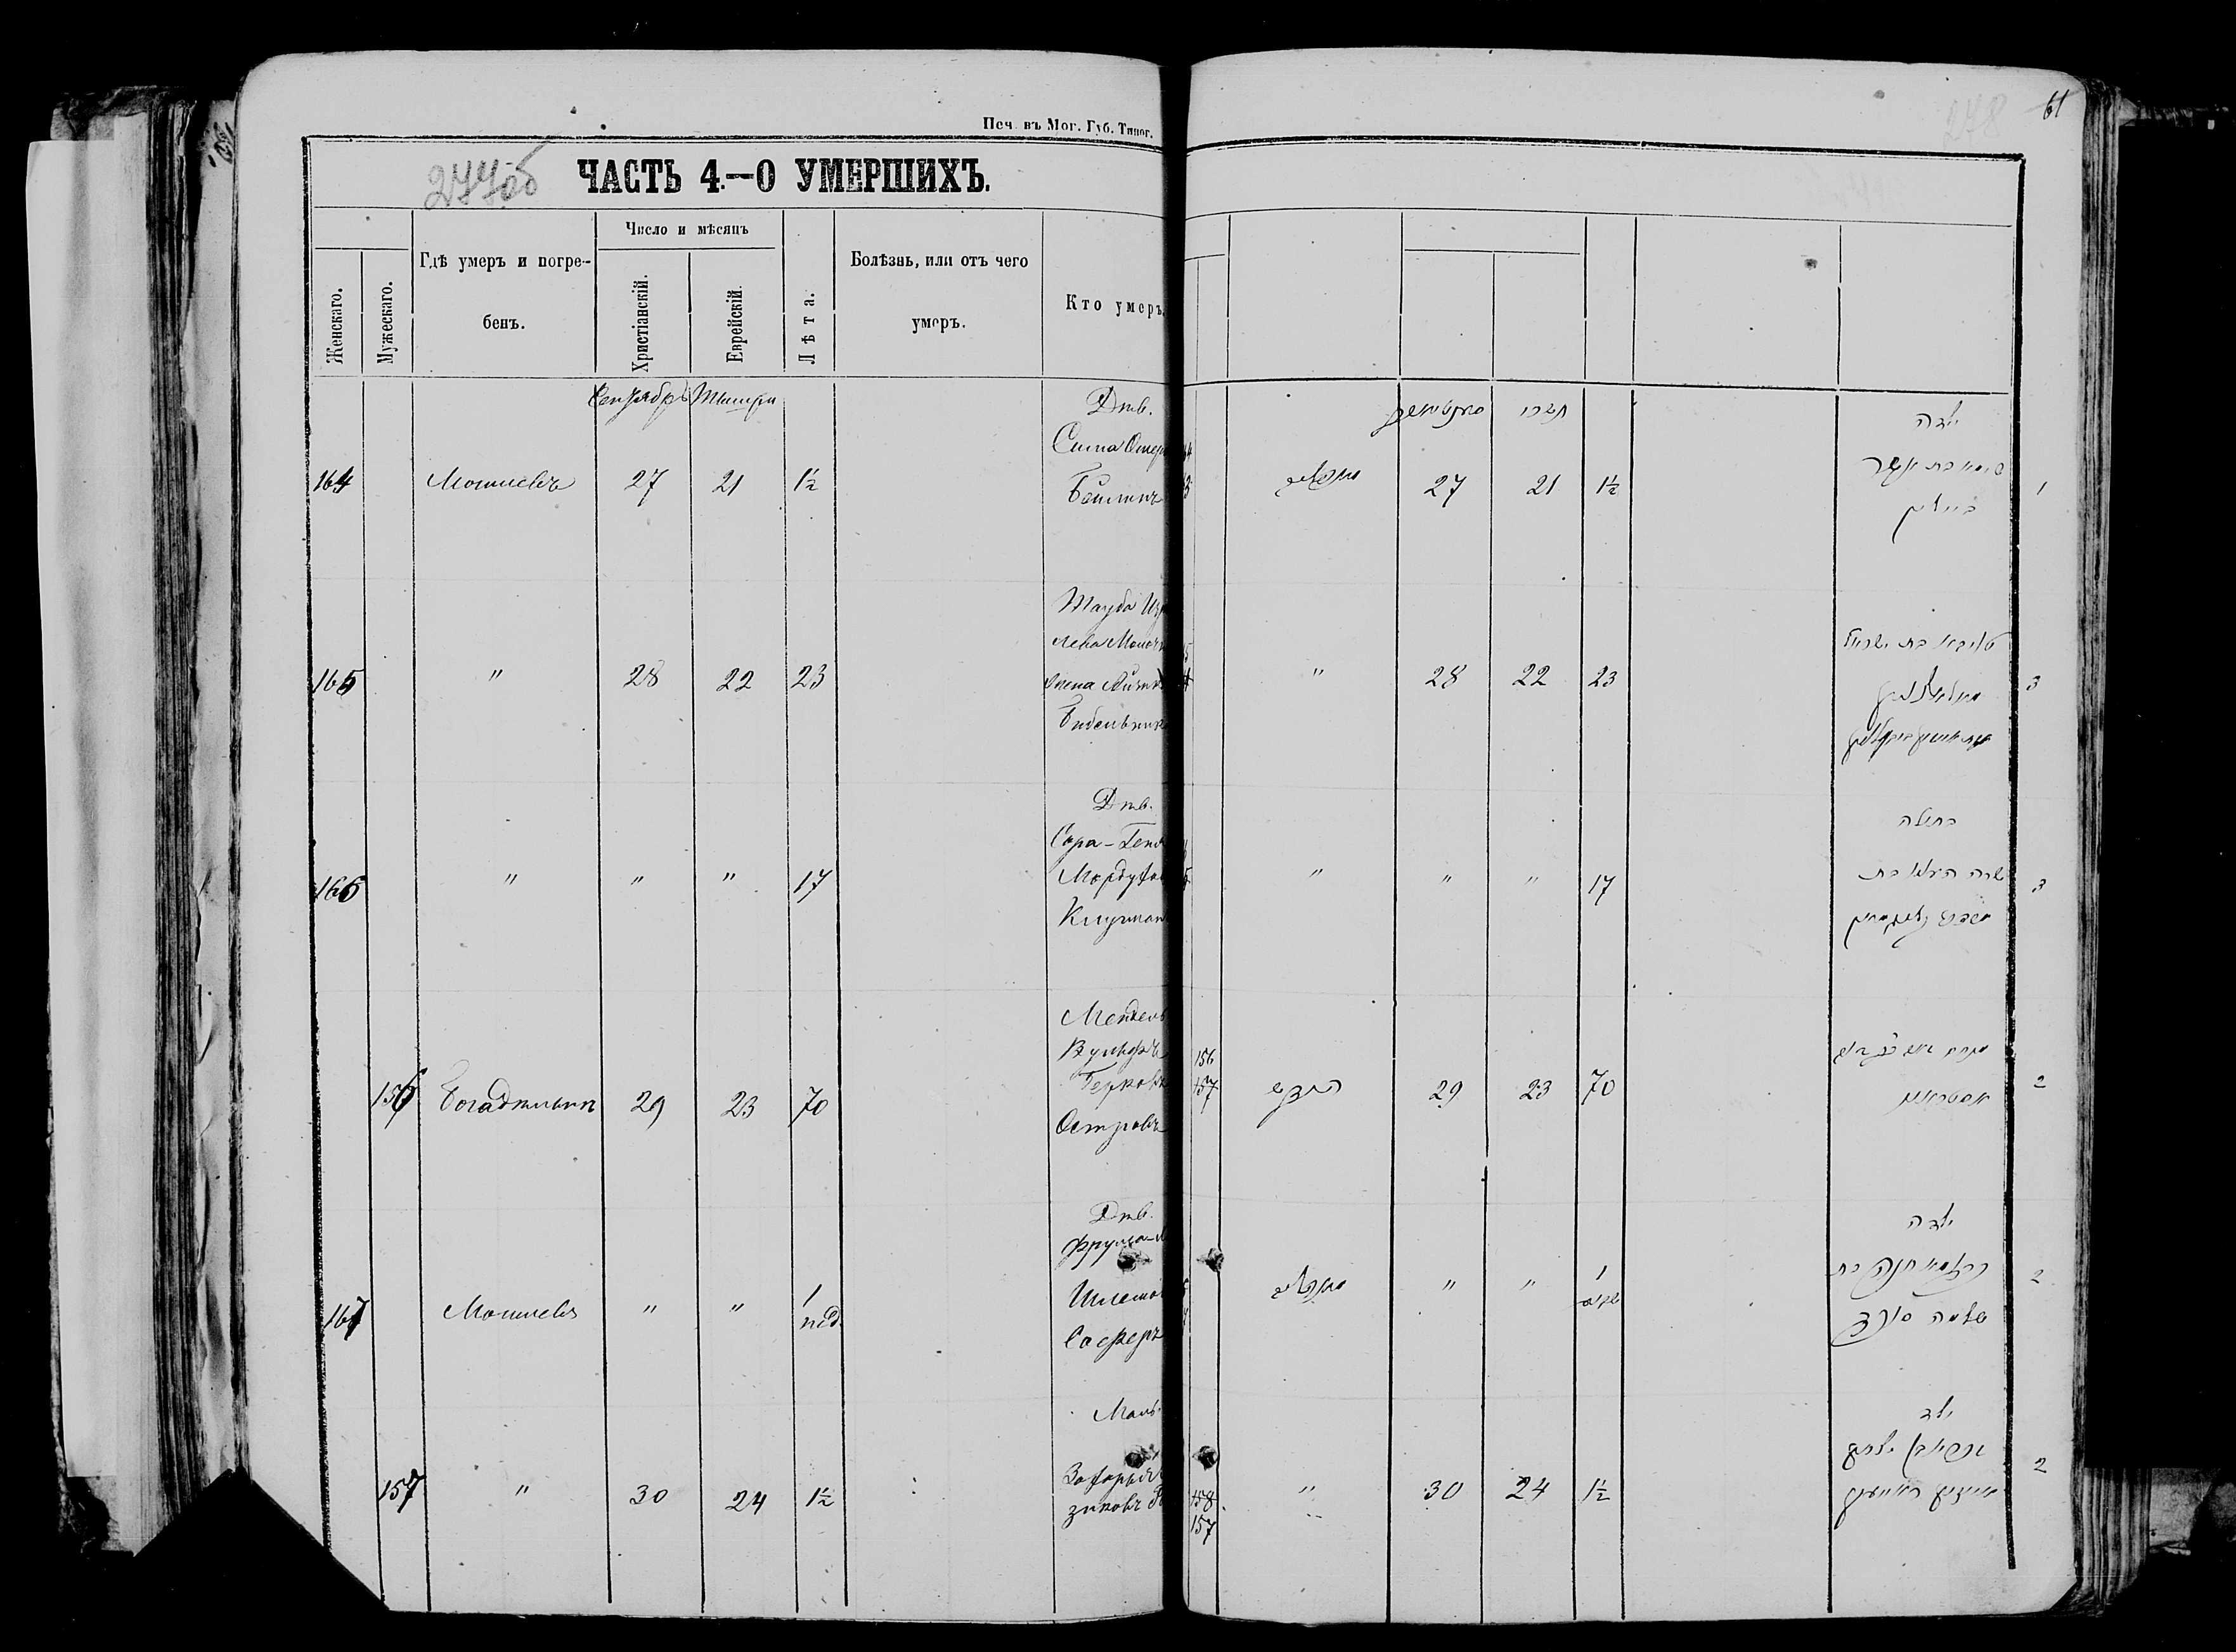 Мендель-Вульф Беркович Остров ум. 29 сентября 1876, запись 156, пленка 007766481, снимок 404